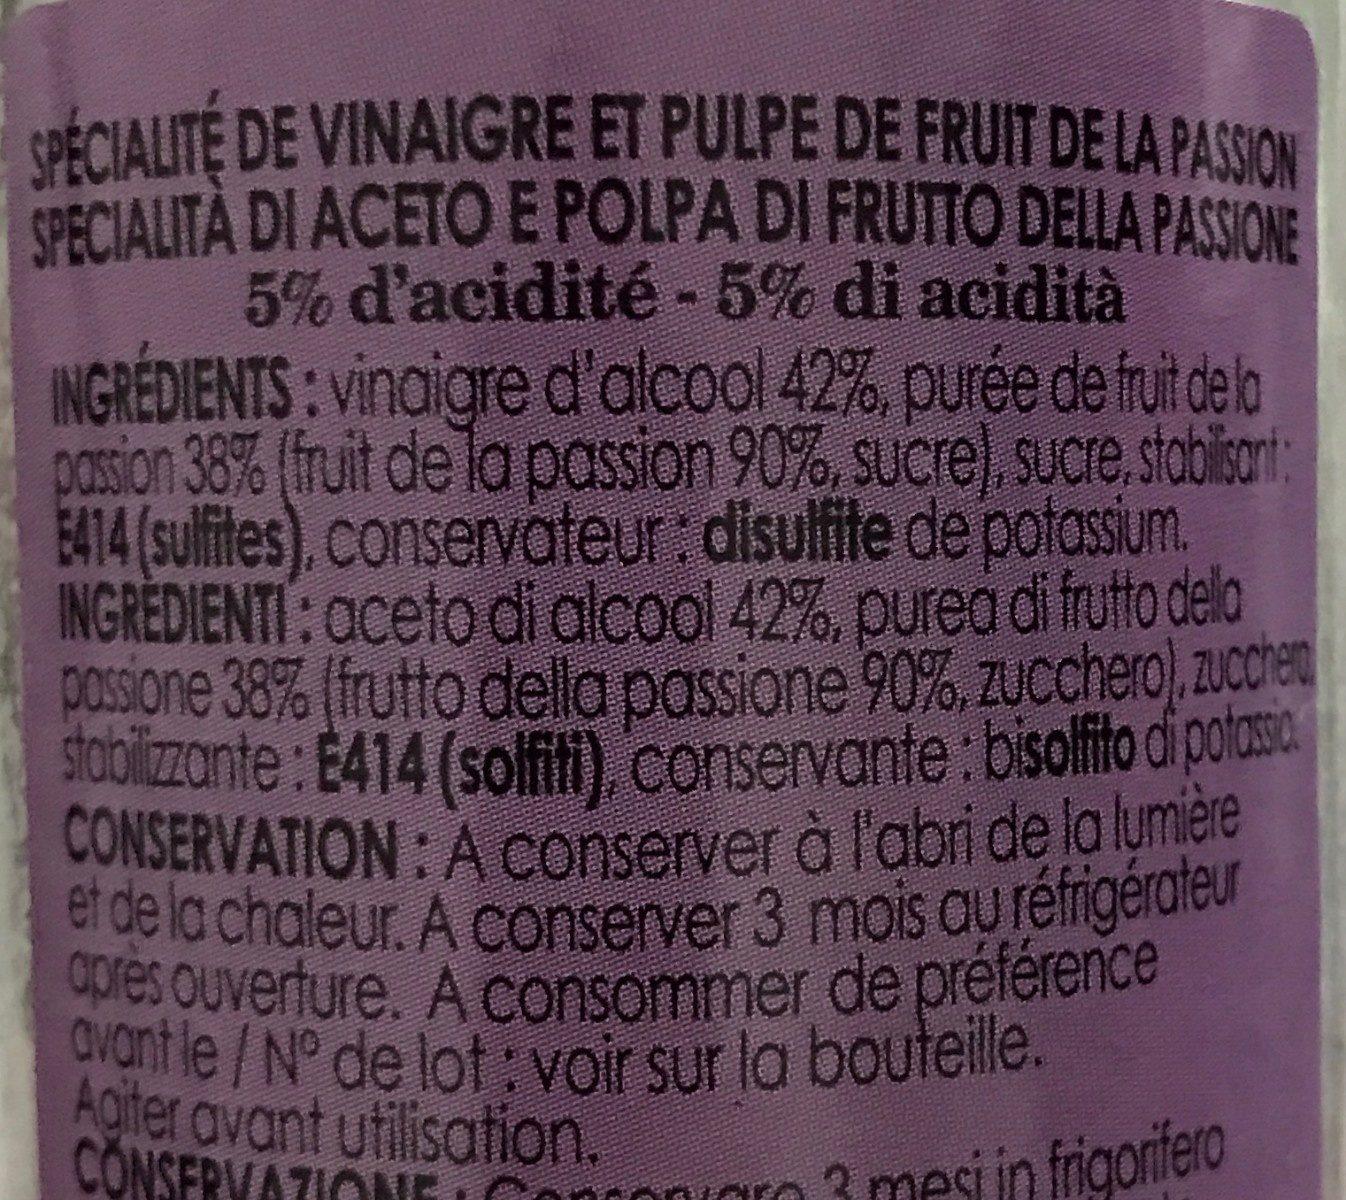 Vinaigre et pulpe de fruit de la passion - Ingredients - fr